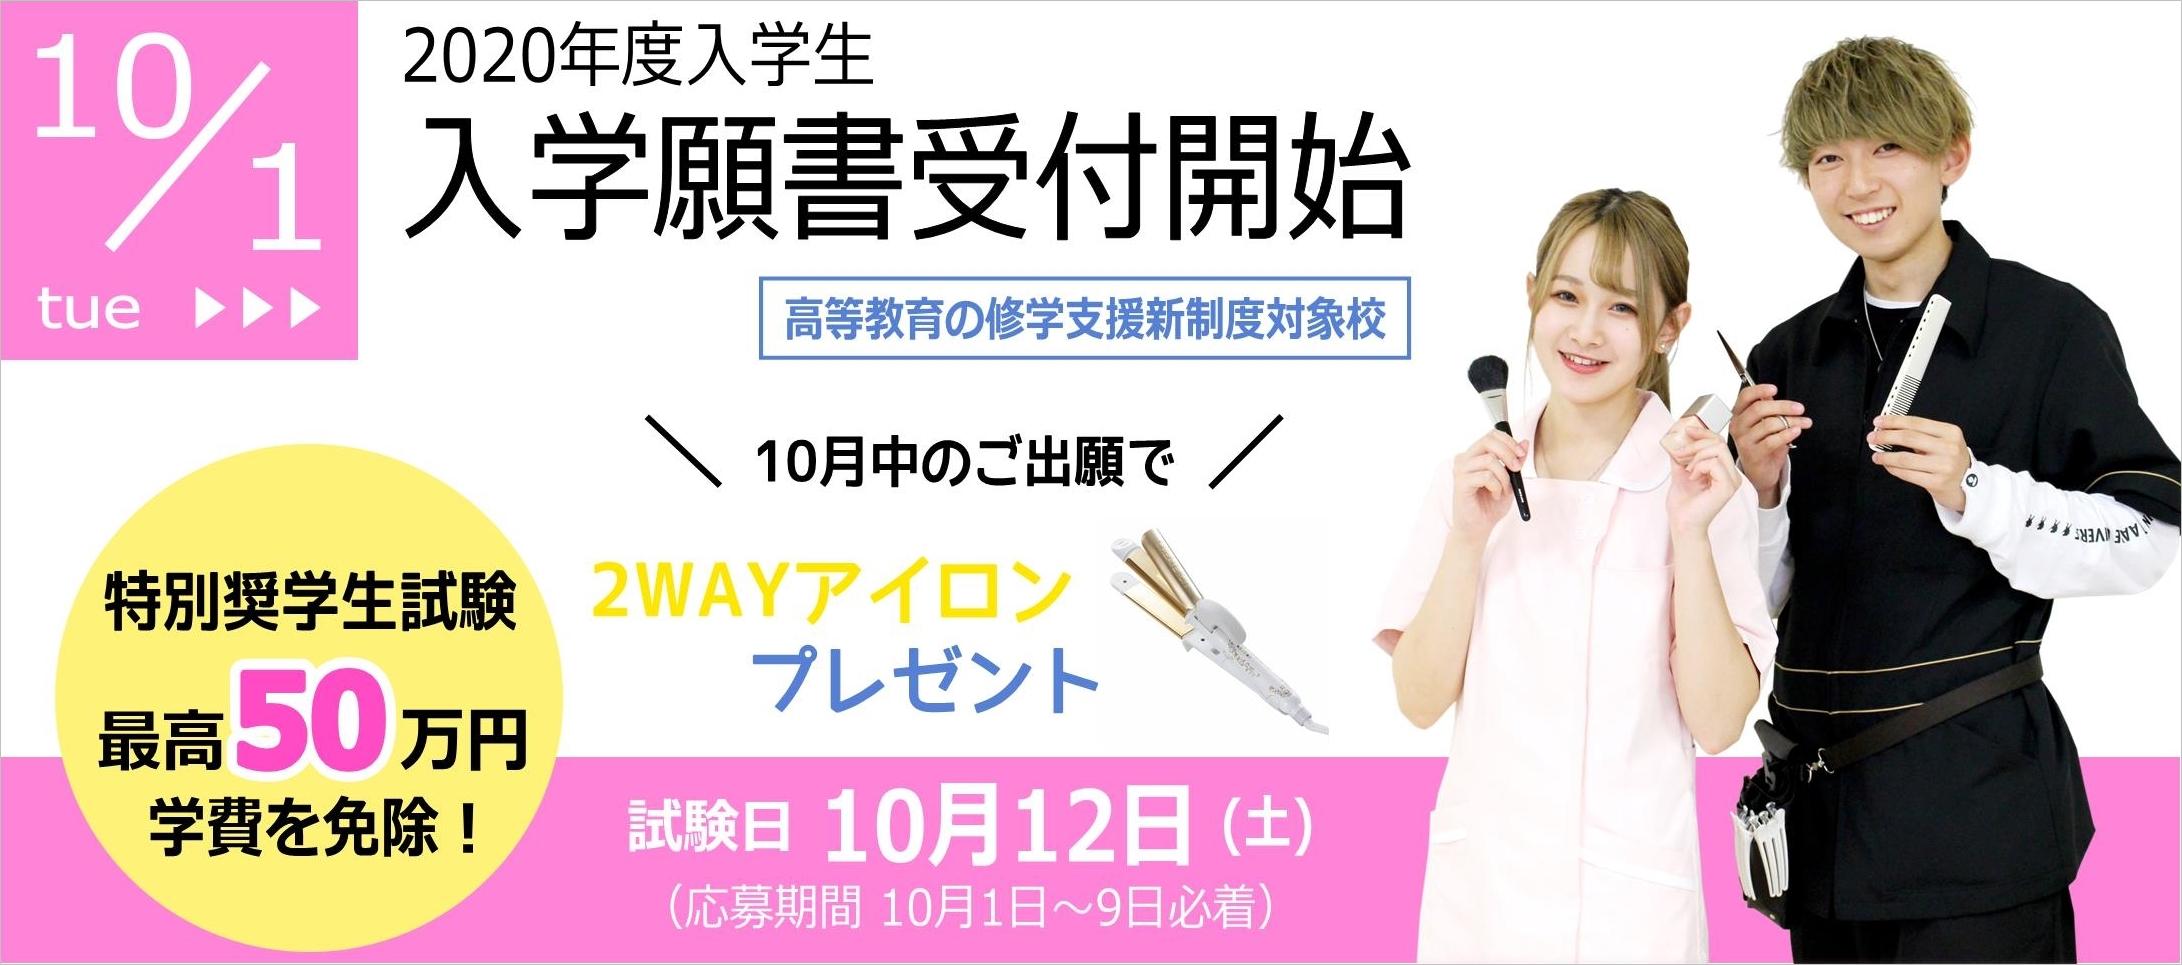 10/1(火) 入学願書受付開始!!